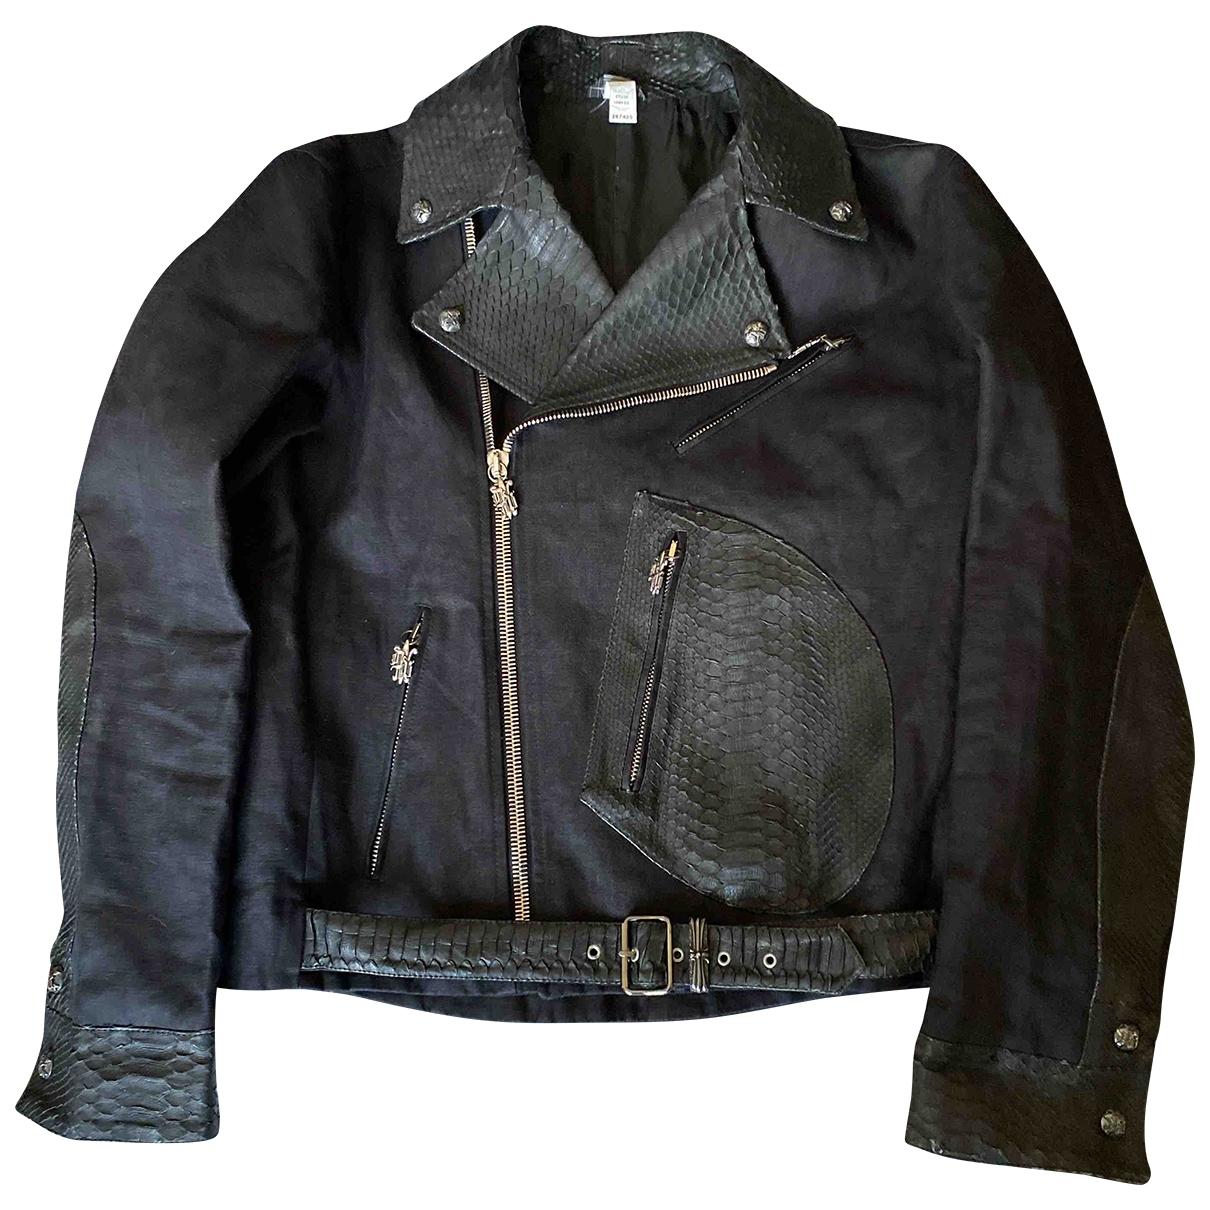 Gianni Versace - Vestes.Blousons   pour homme en lin - noir